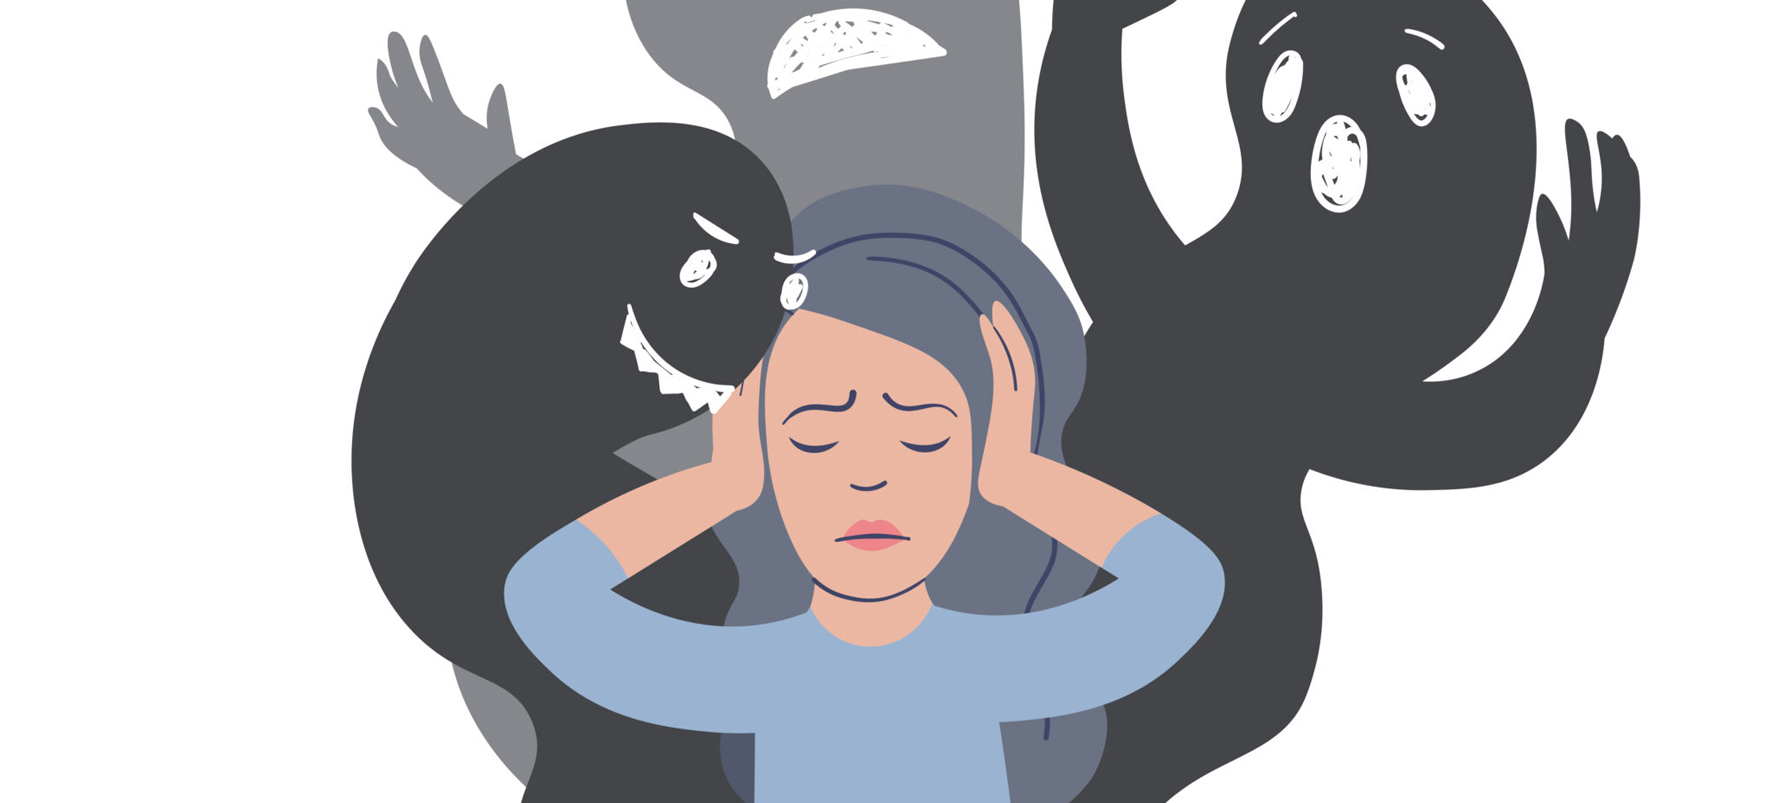 Gestire gli attacchi di panico e l'ansia acuta